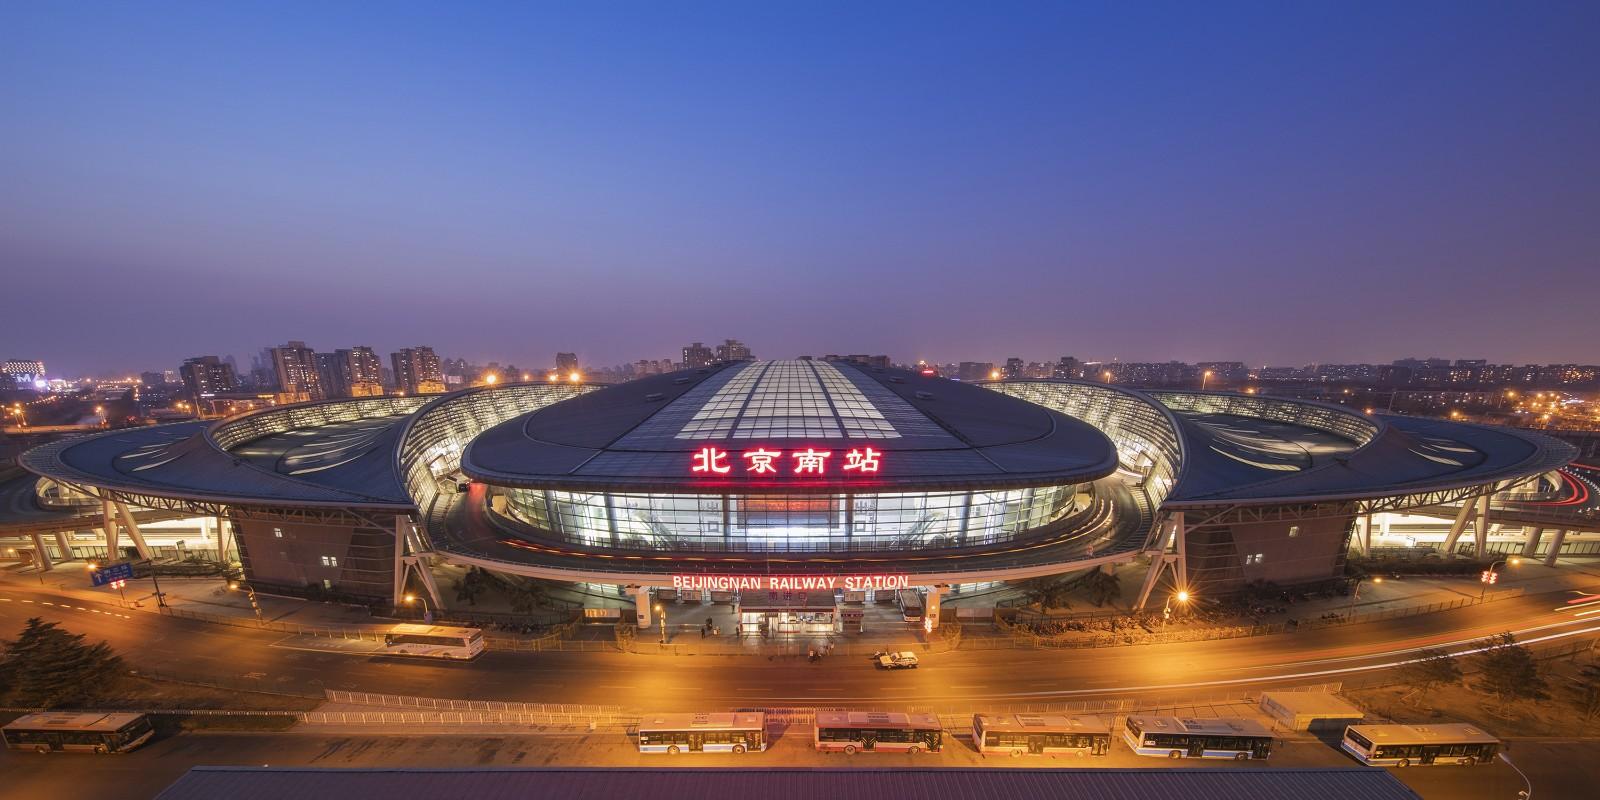 【北京南站】 王越   13601098050       2019年2月8日拍摄于北京南站_副本.jpg